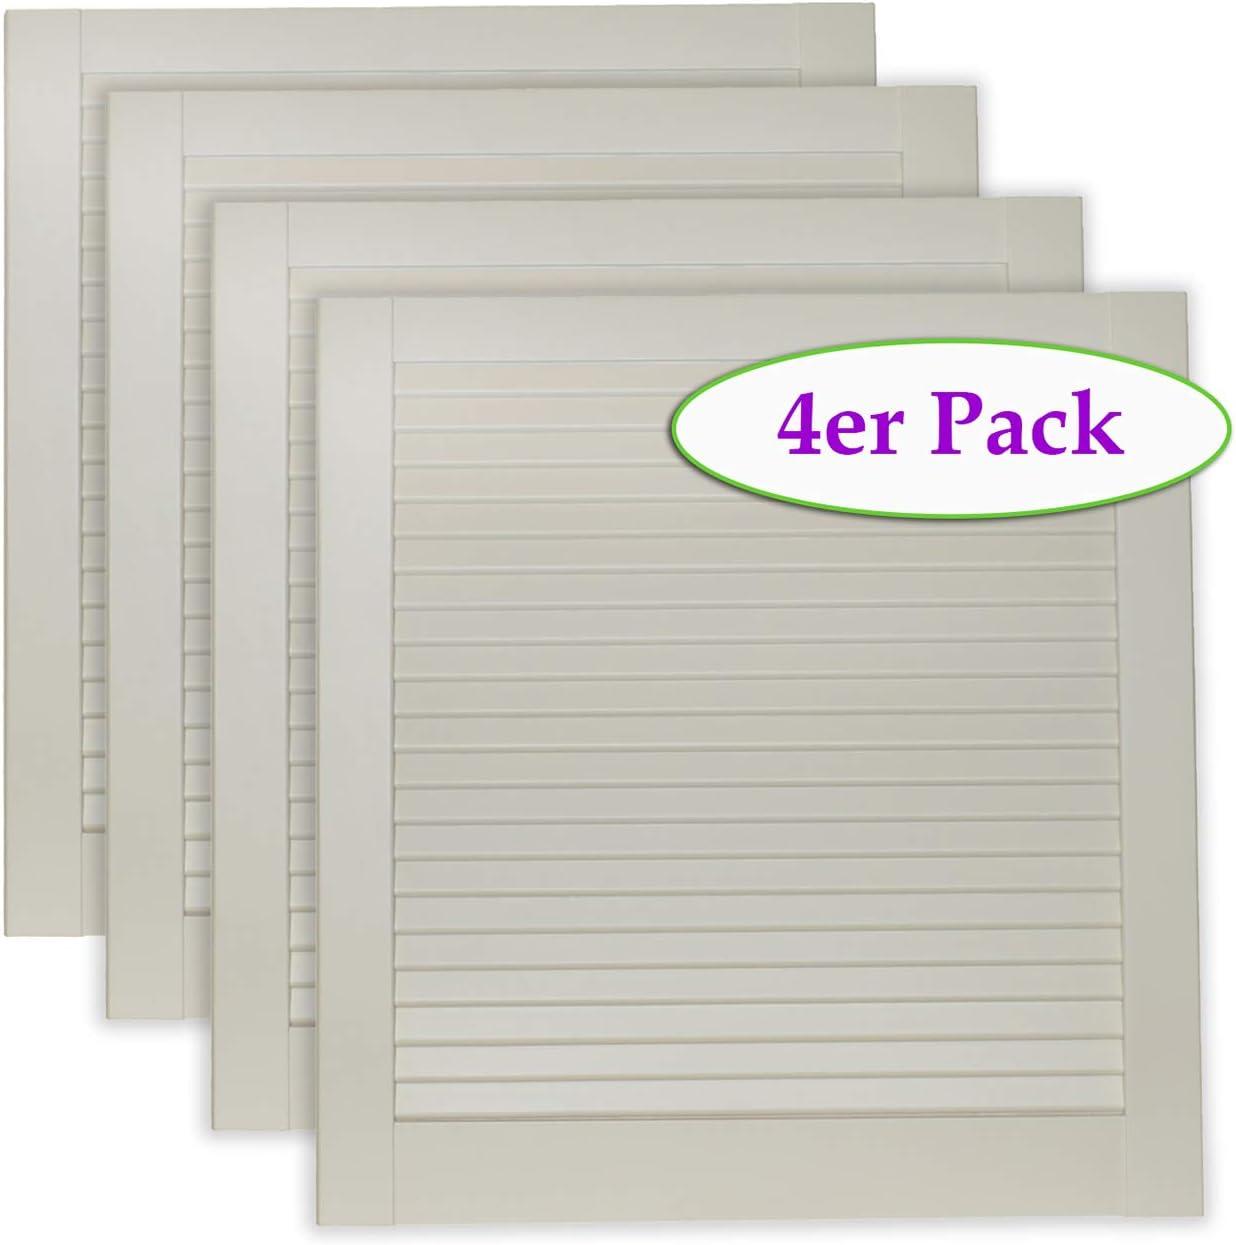 M/öbel 2-er Pack//Zwei St/ück Lamellent/üren wei/ß seidenmatt mit geschlossenen Lamellen Kiefernholz 462 x 494 x 21 mm f/ür Regale Schr/änke EINBAUFERTIG grundiert /& lackiert